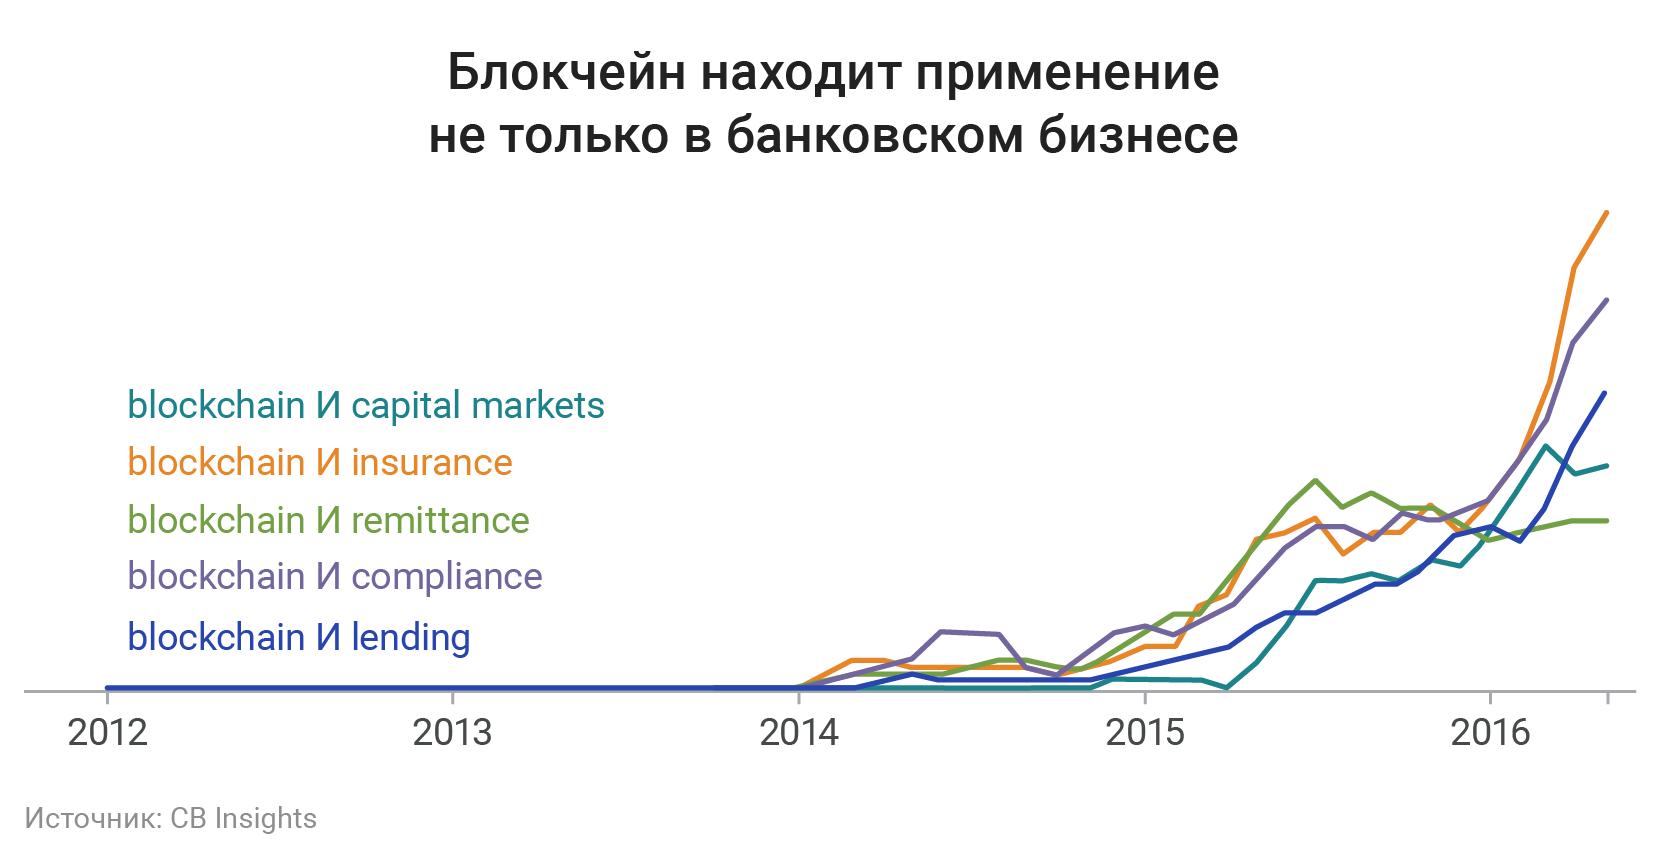 Будущее финансовых технологий в 9 графиках - 9